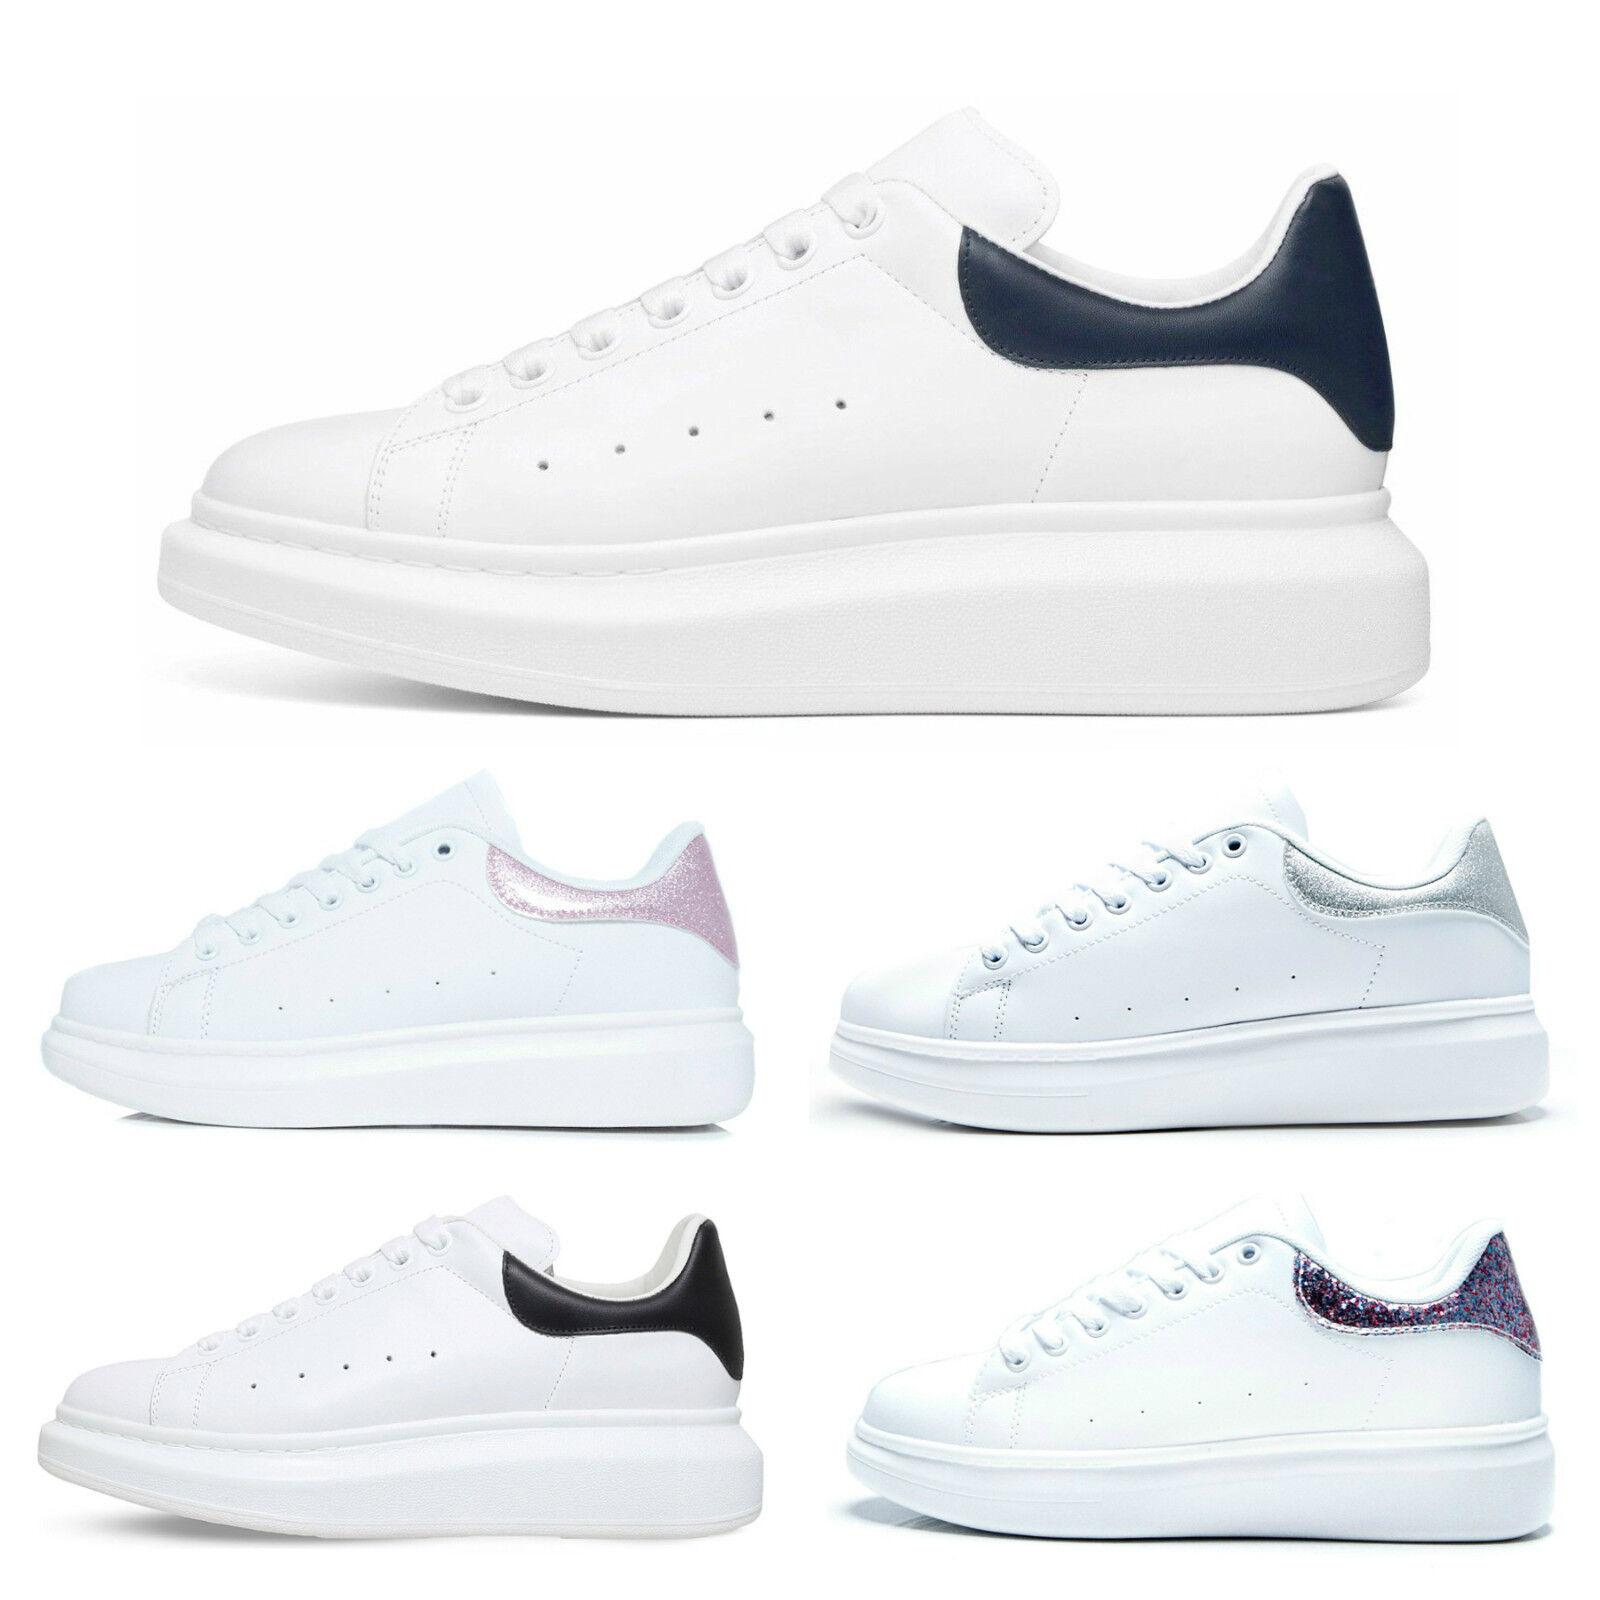 Nuevas zapatillas para mujer plataforma Gruesa Suela de goma SNEAKERS zapatos señoras LOW TOP SNEAKERS goma aa851f